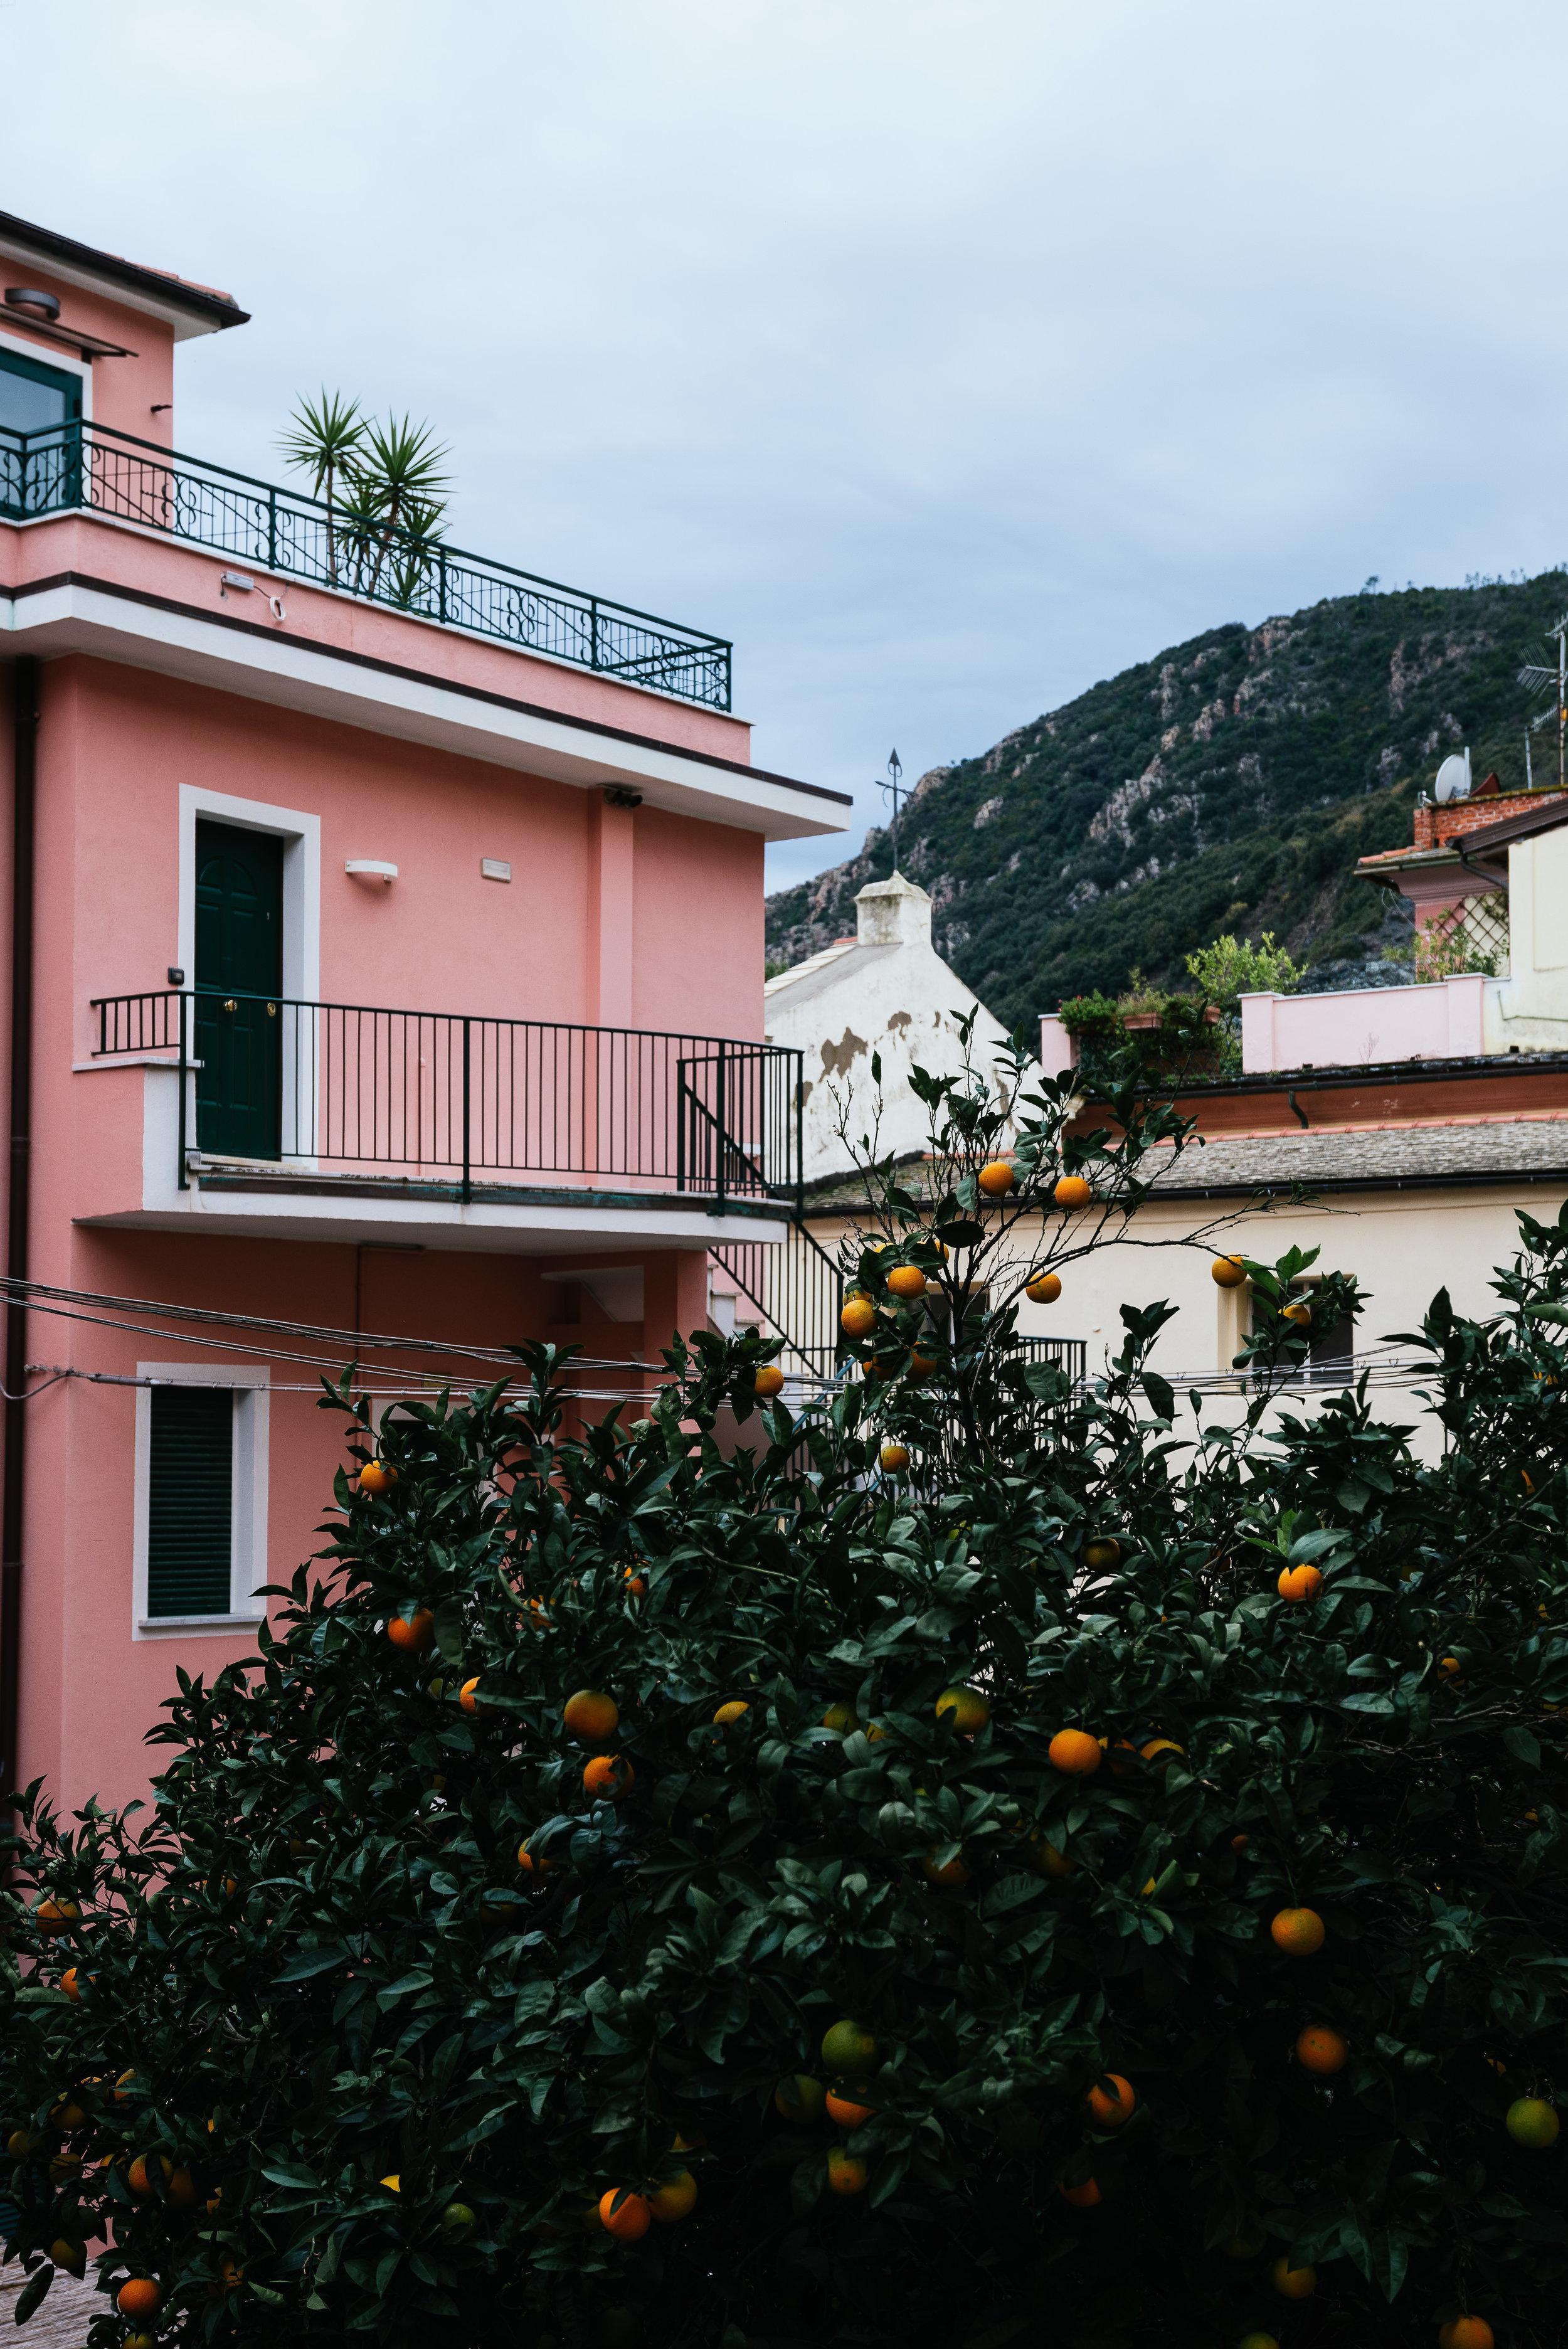 Vernazza Italy Oranges.jpg